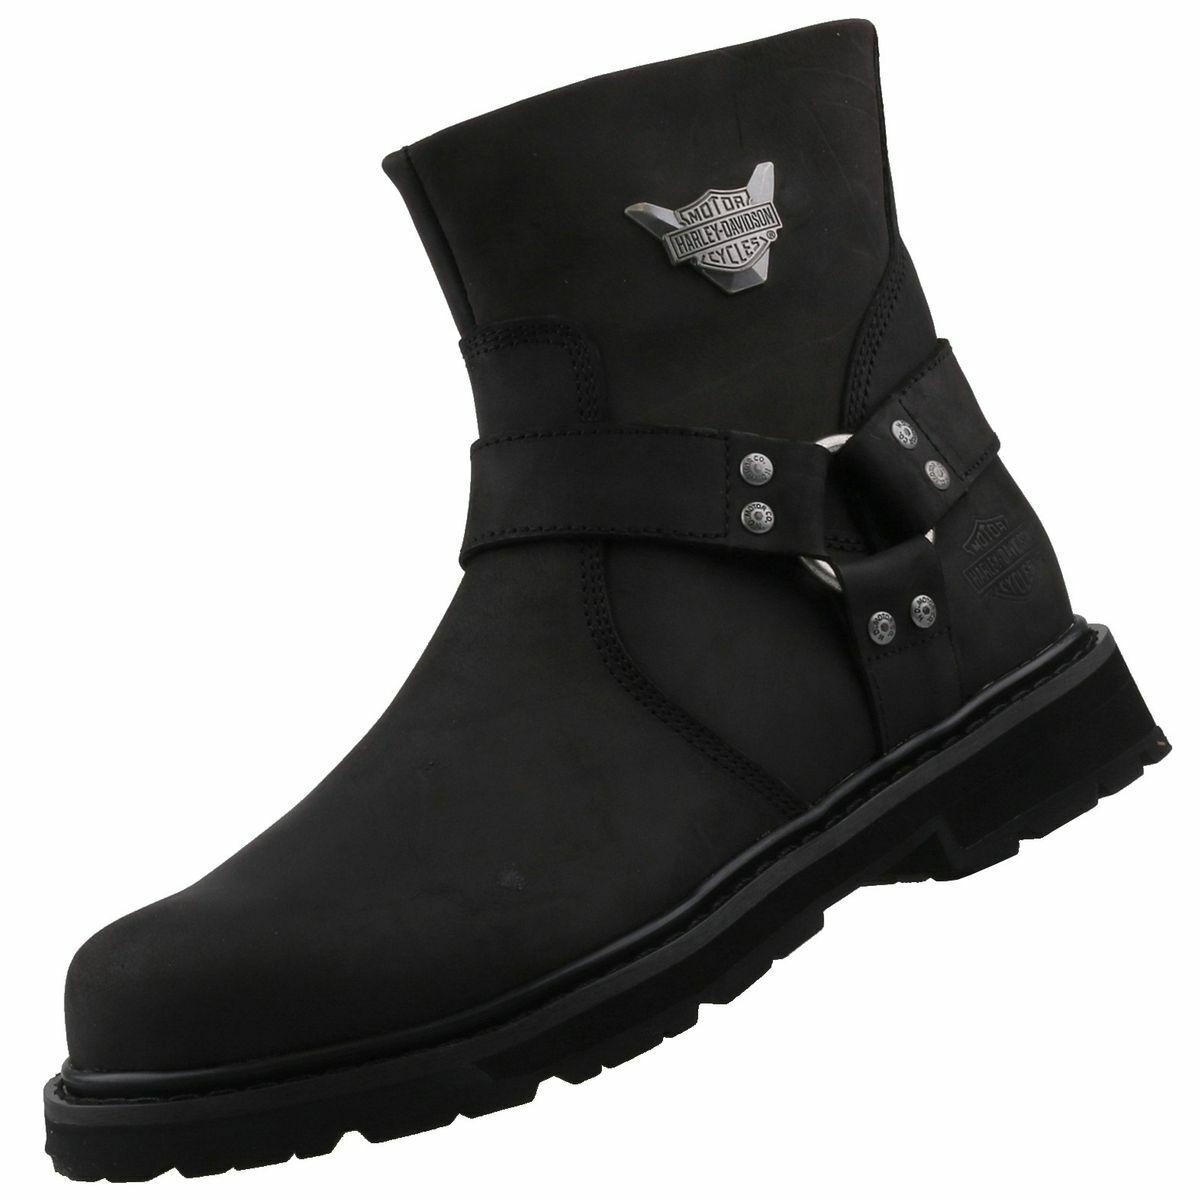 Nuevo Harley Davidson zapatos caballero zapatos botas motorista caballeros botas botas de cuero